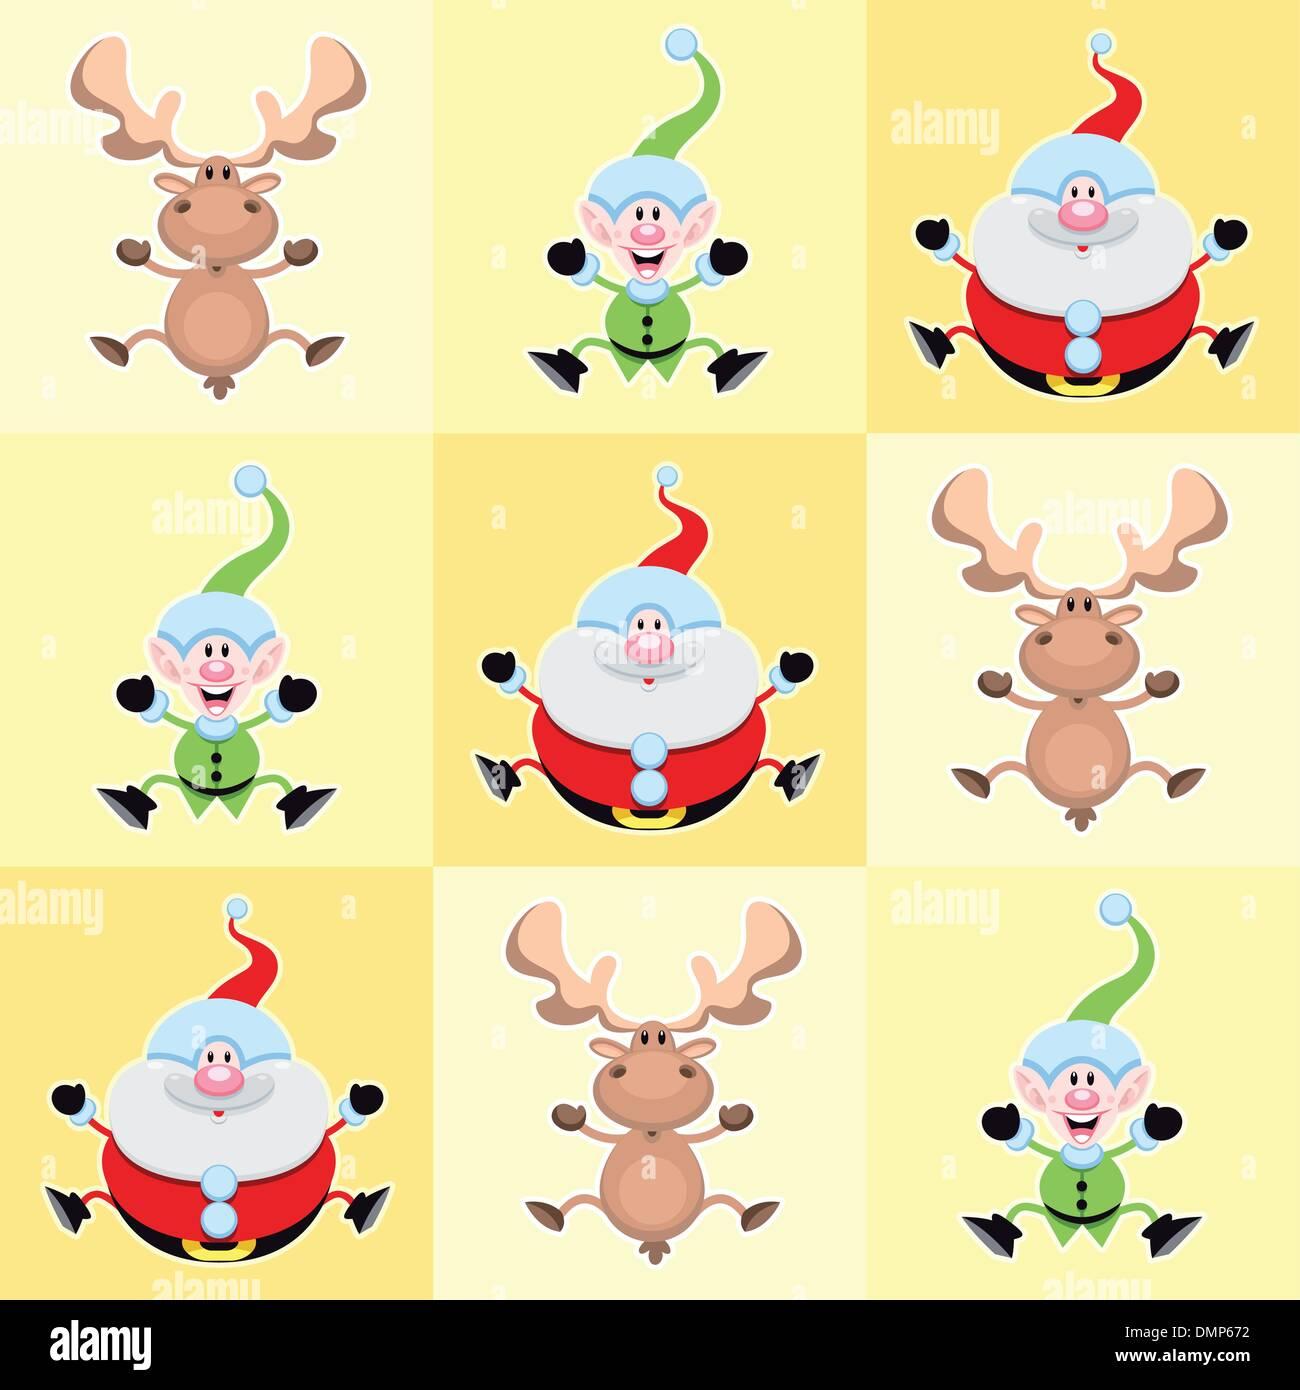 Natale i personaggi dei cartoni animati in giallo le piazze. Immagini Stock